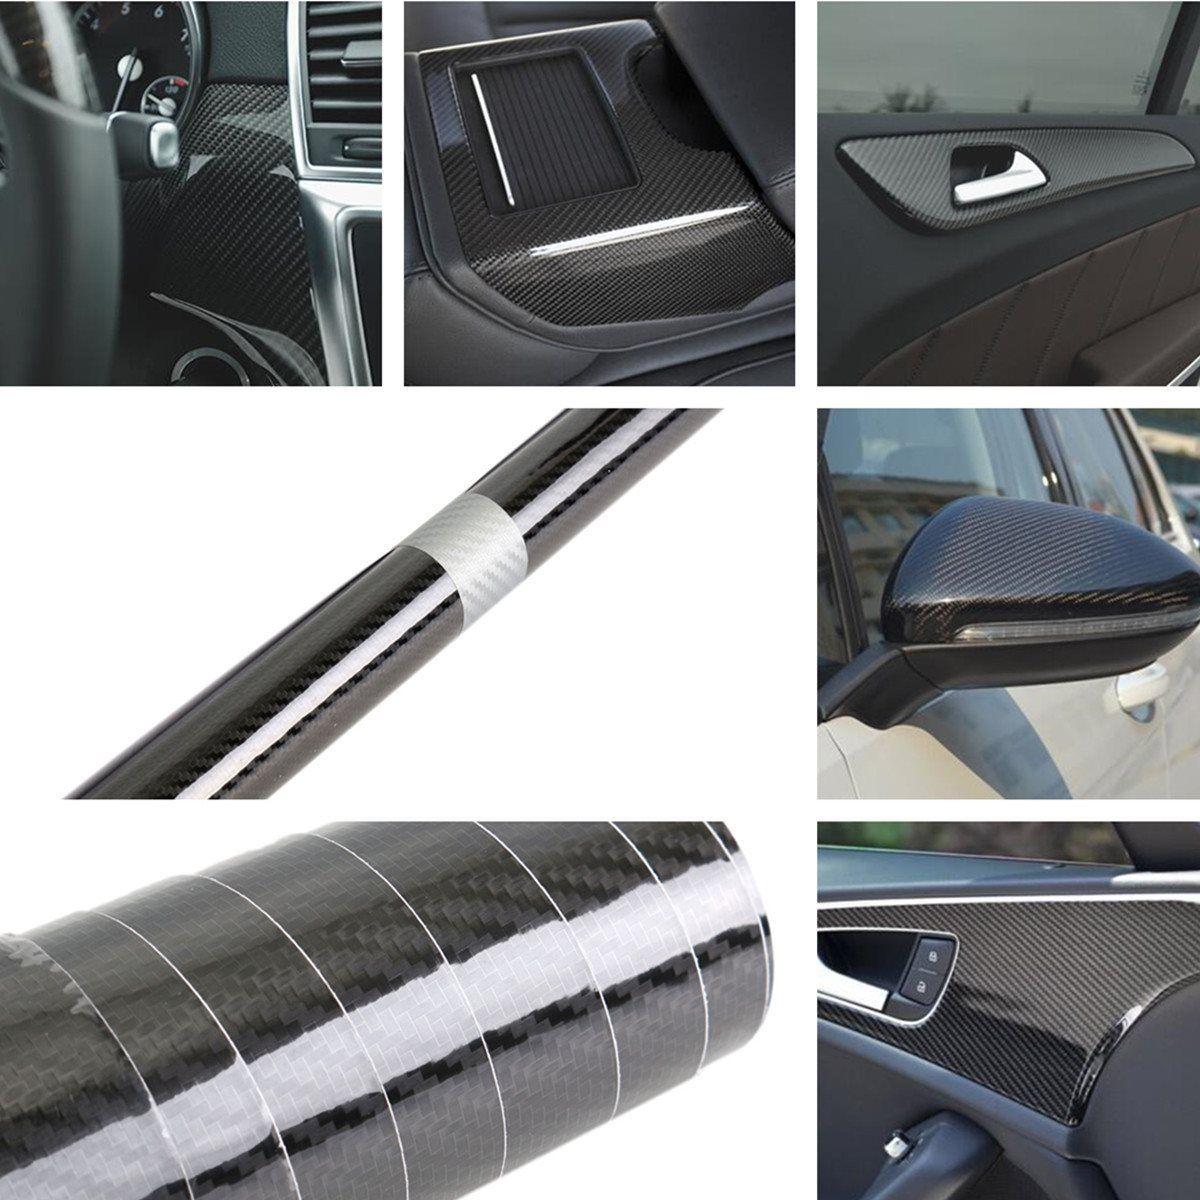 Hochglanz pvc carbon fiber vinyl folie film auto wrap rollenaufkleber aufkleber schwarz cm innen zubeh r auto styling